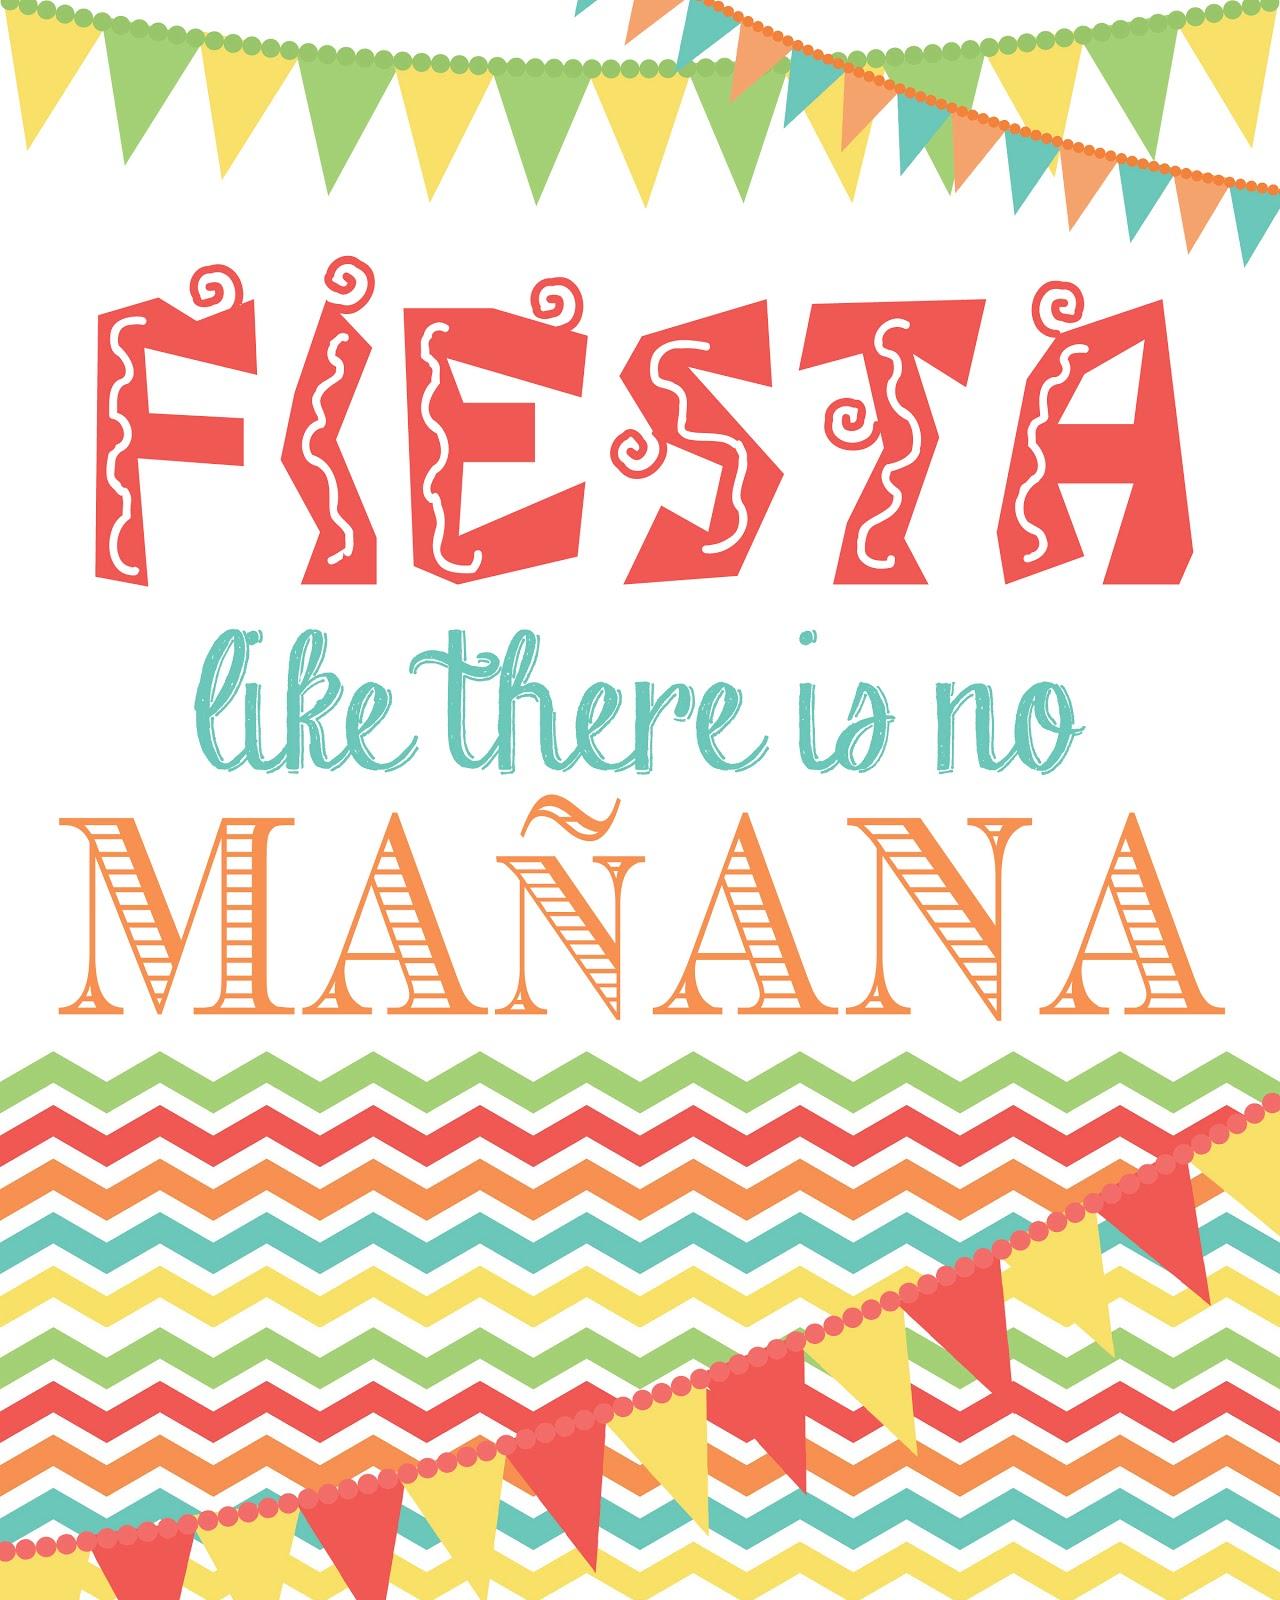 Fiesta Background Clipart.